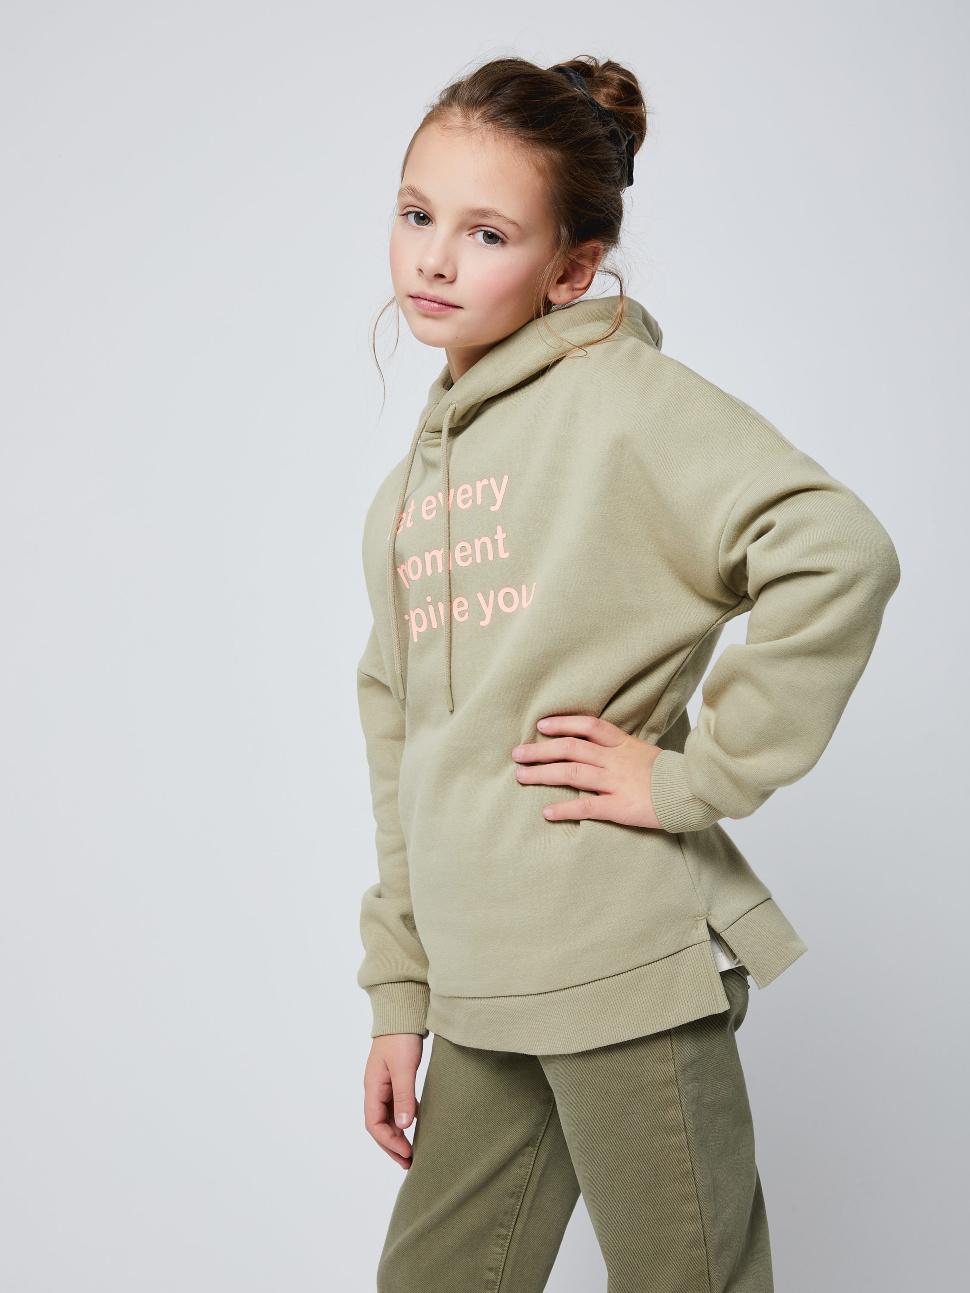 Худи оверсайз для девочек цвет: светло-зеленый, артикул: 1801050407 - купить в интернет-магазине sela